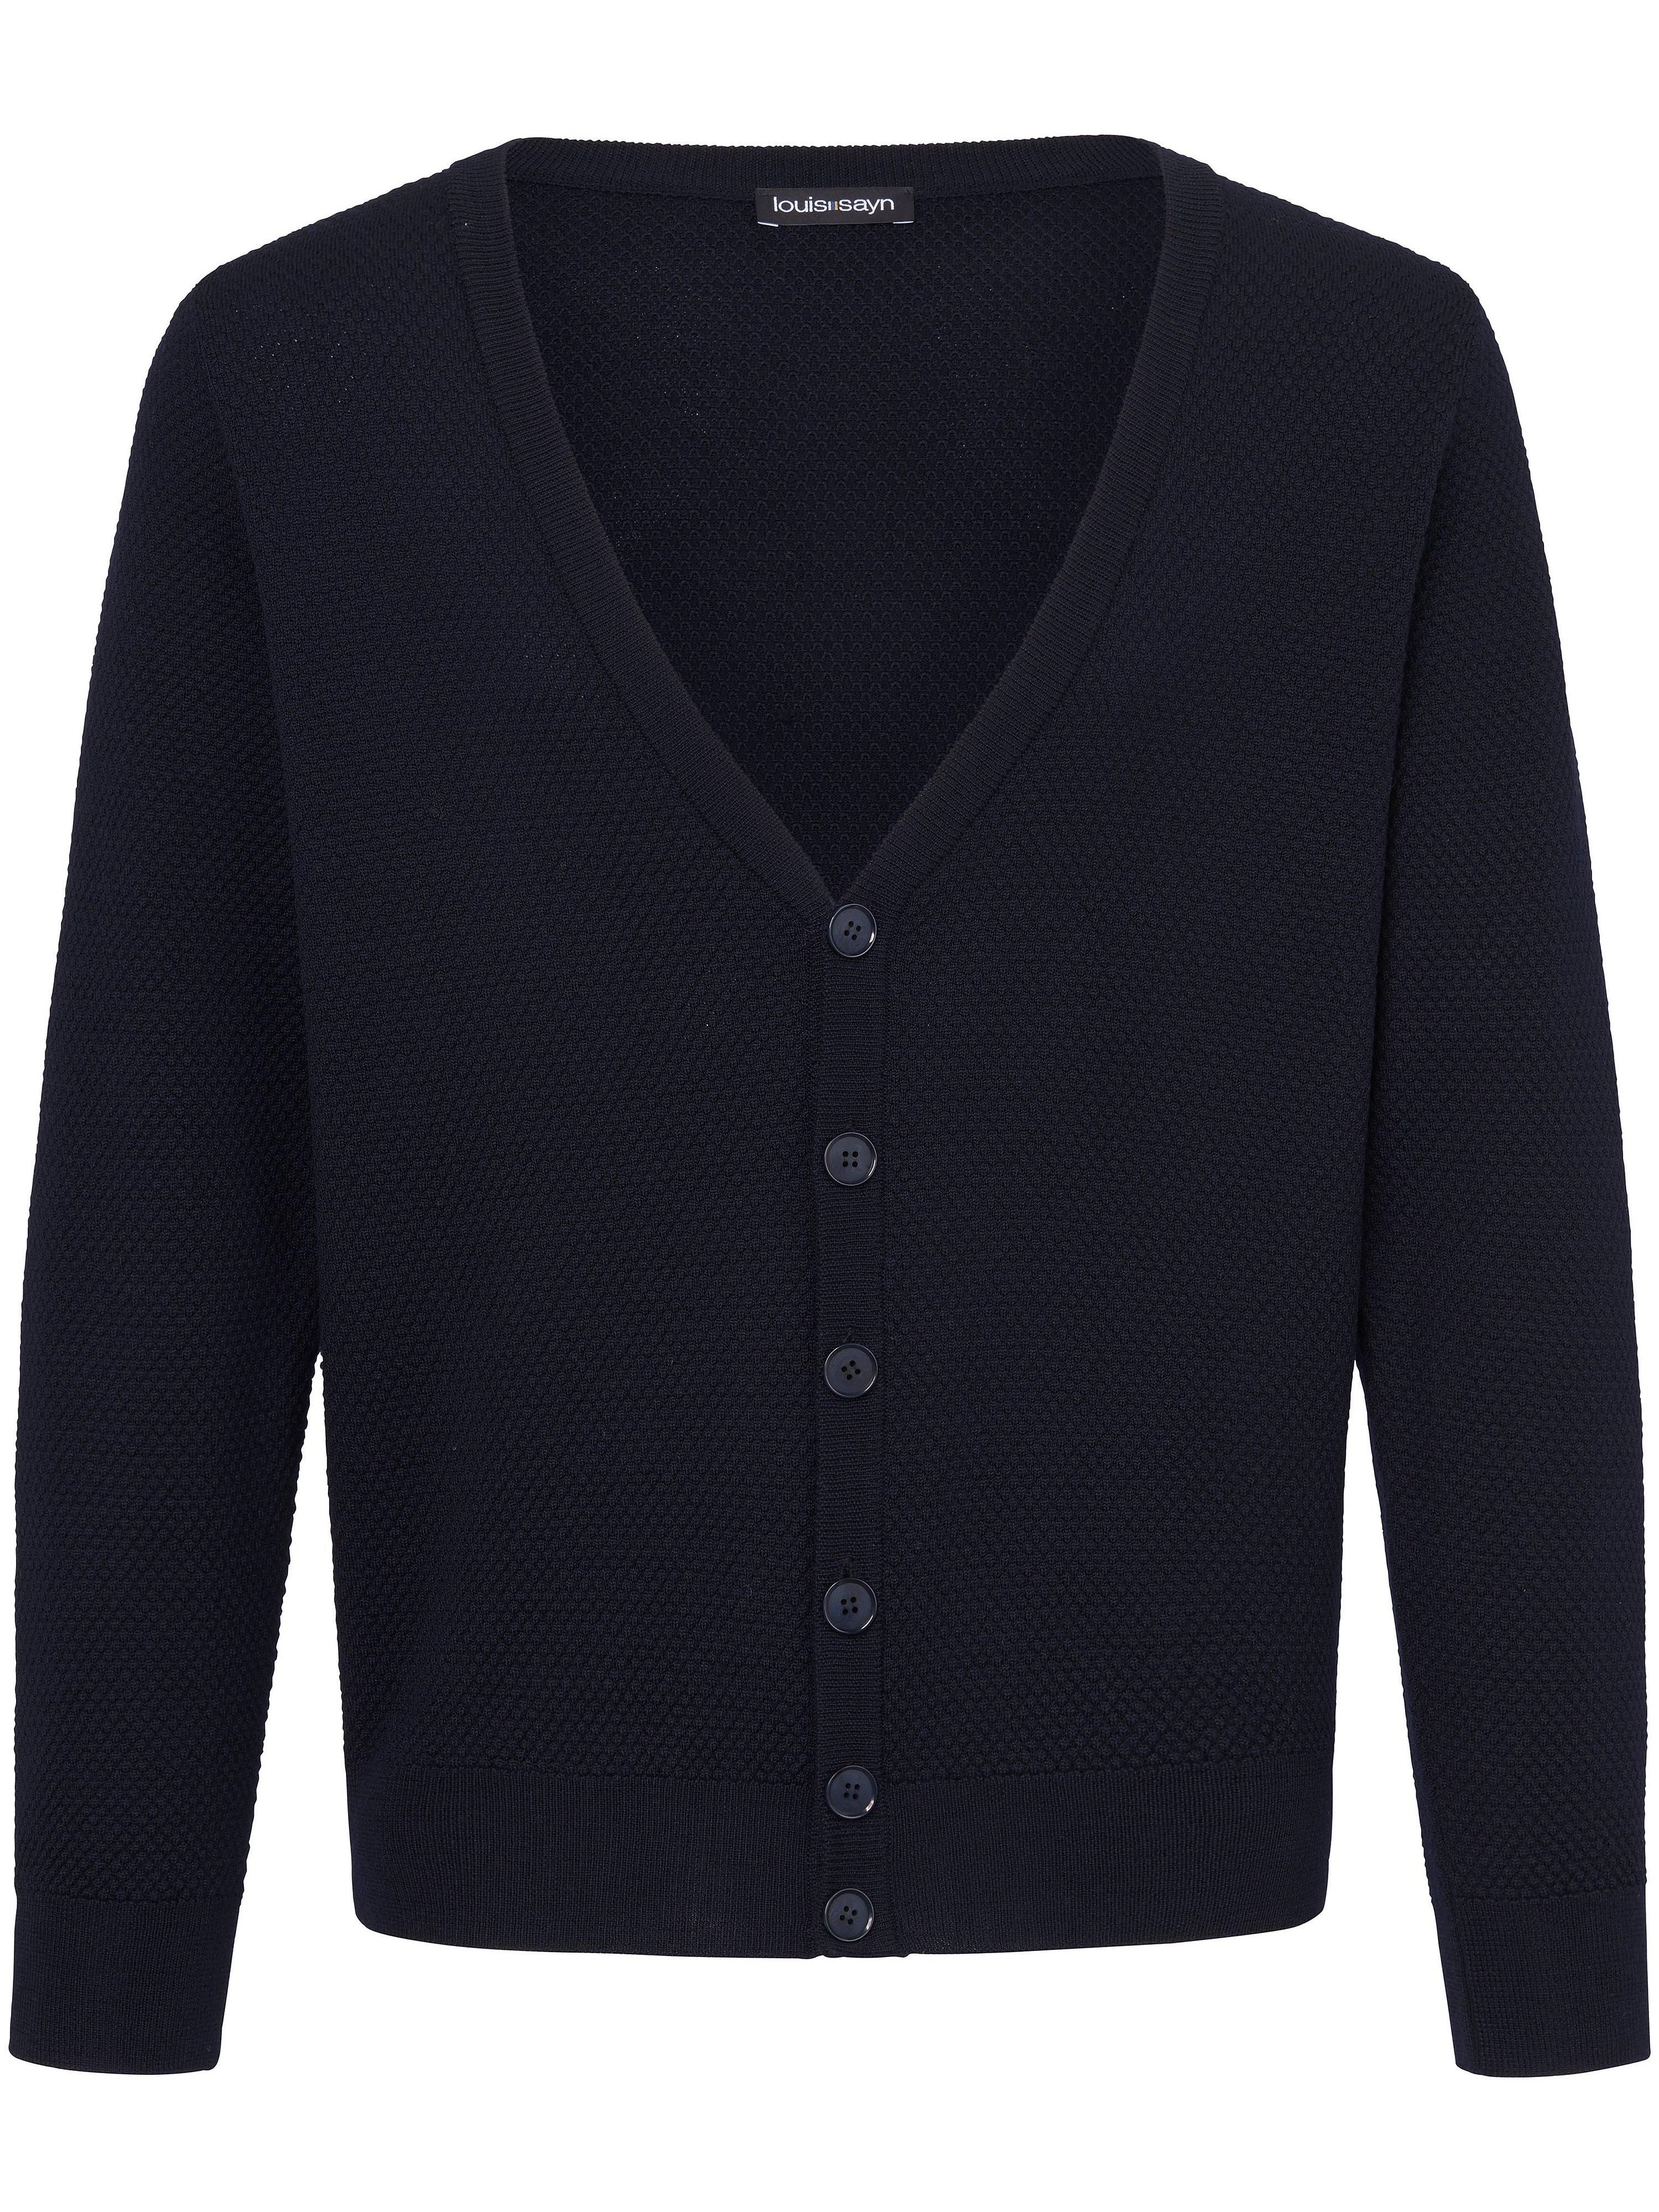 Vest 100% scheerwol V-hals Van Louis Sayn blauw